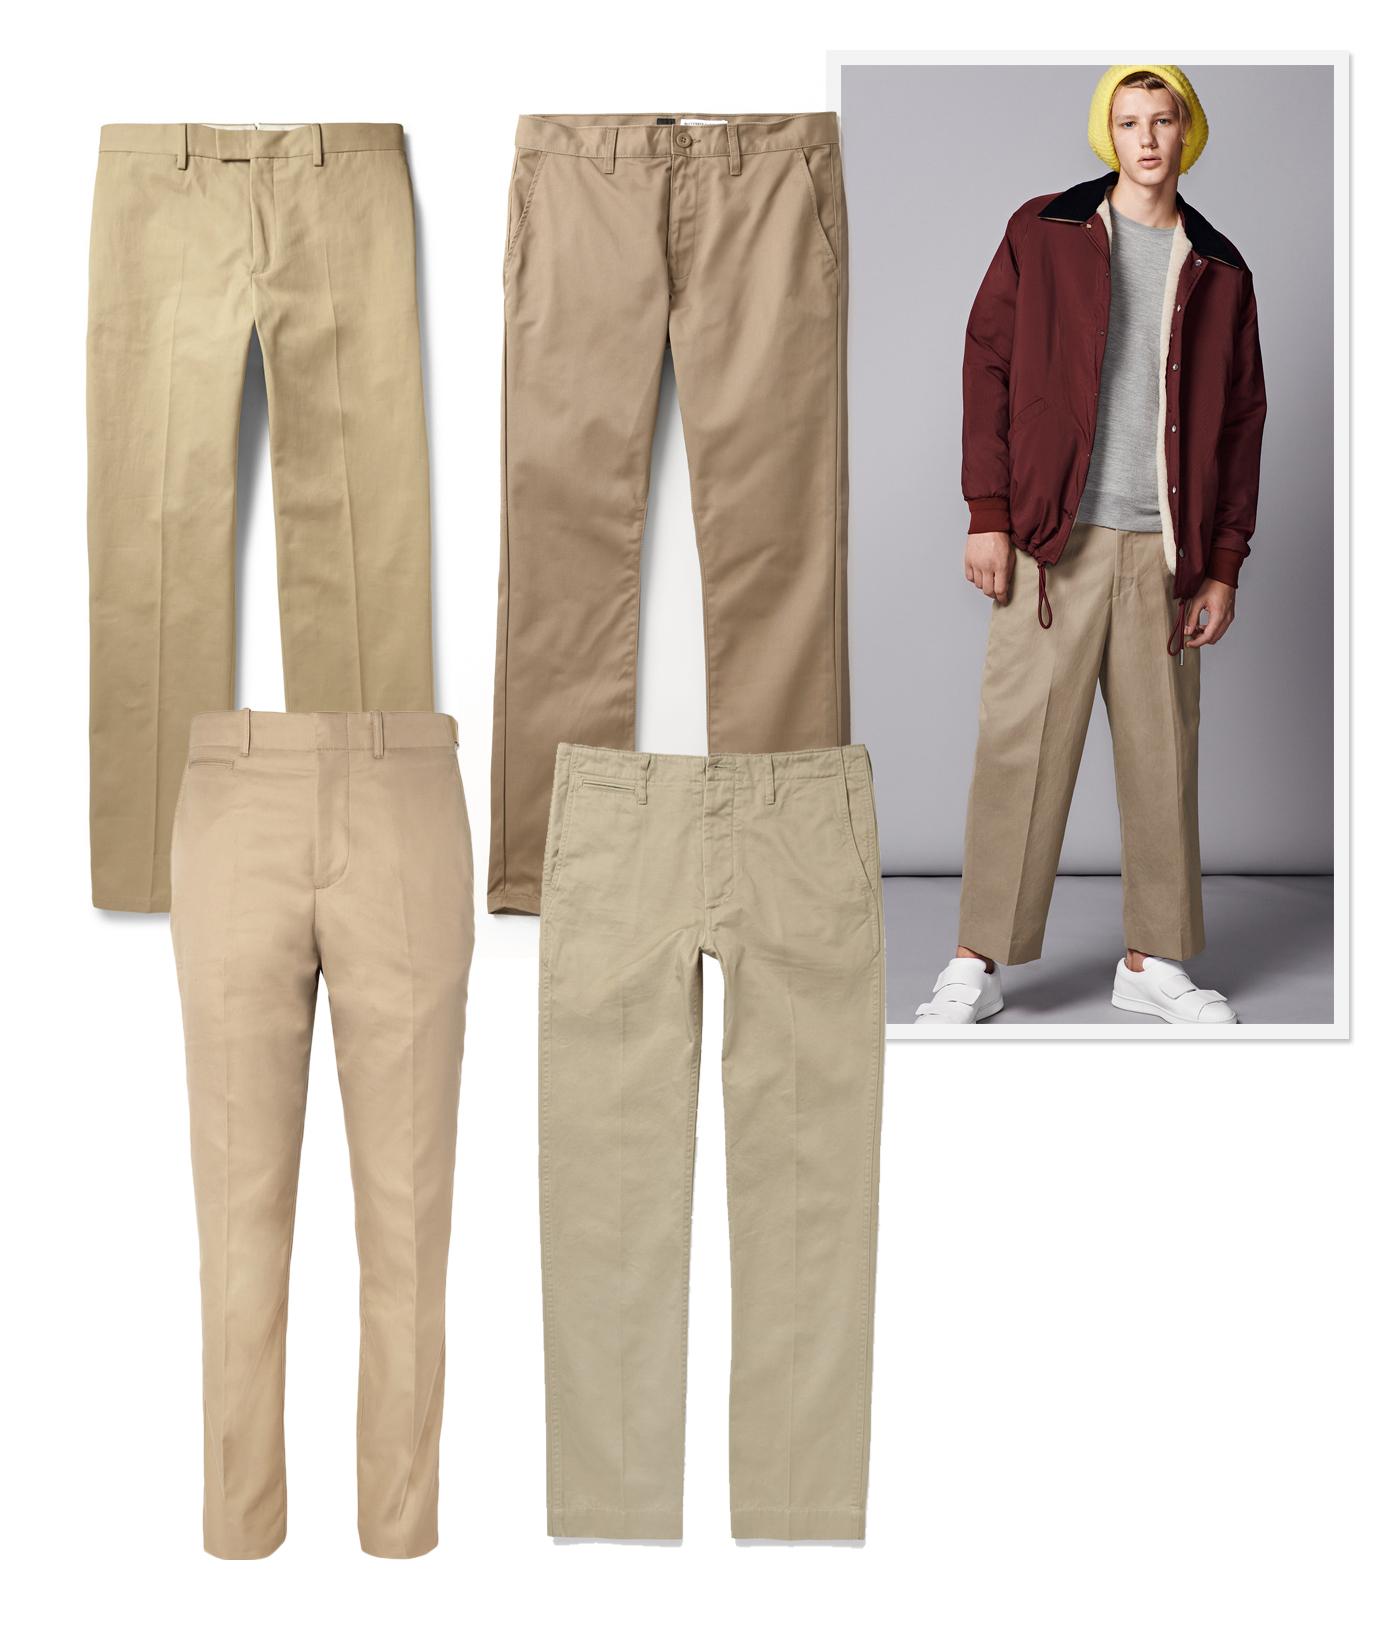 mens-fashion-07.jpg